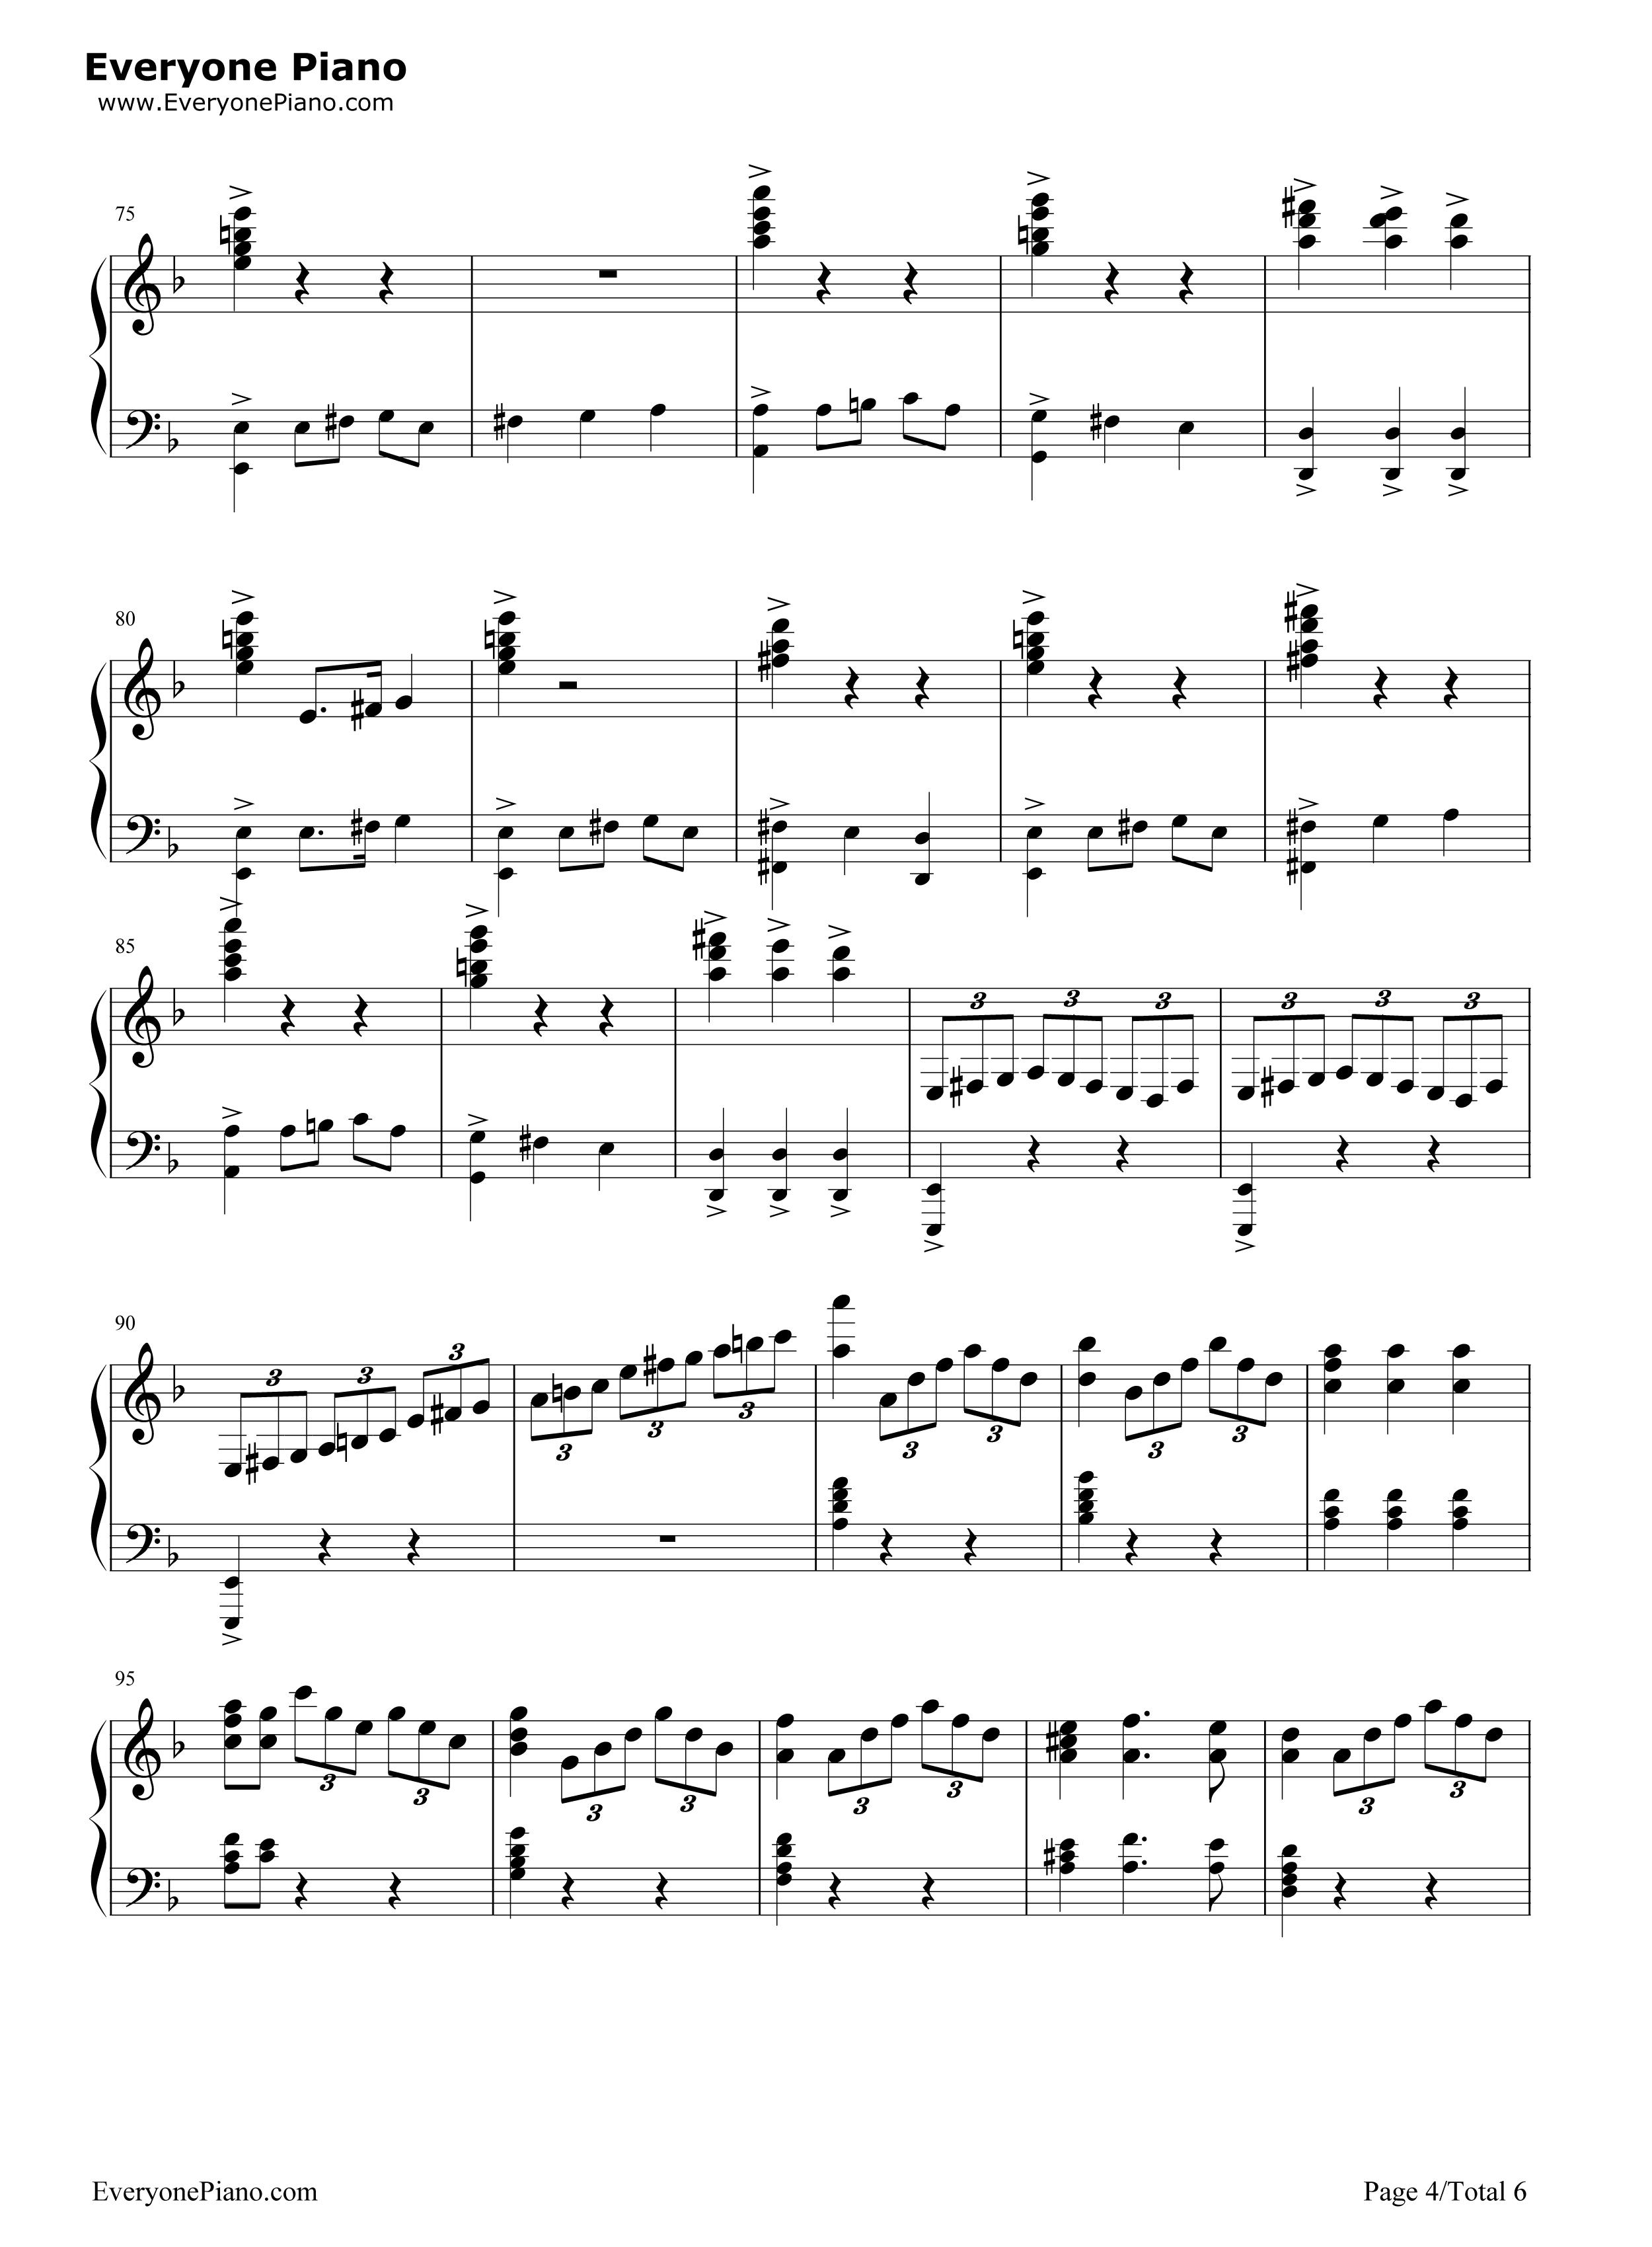 加勒比海盗钢琴谱